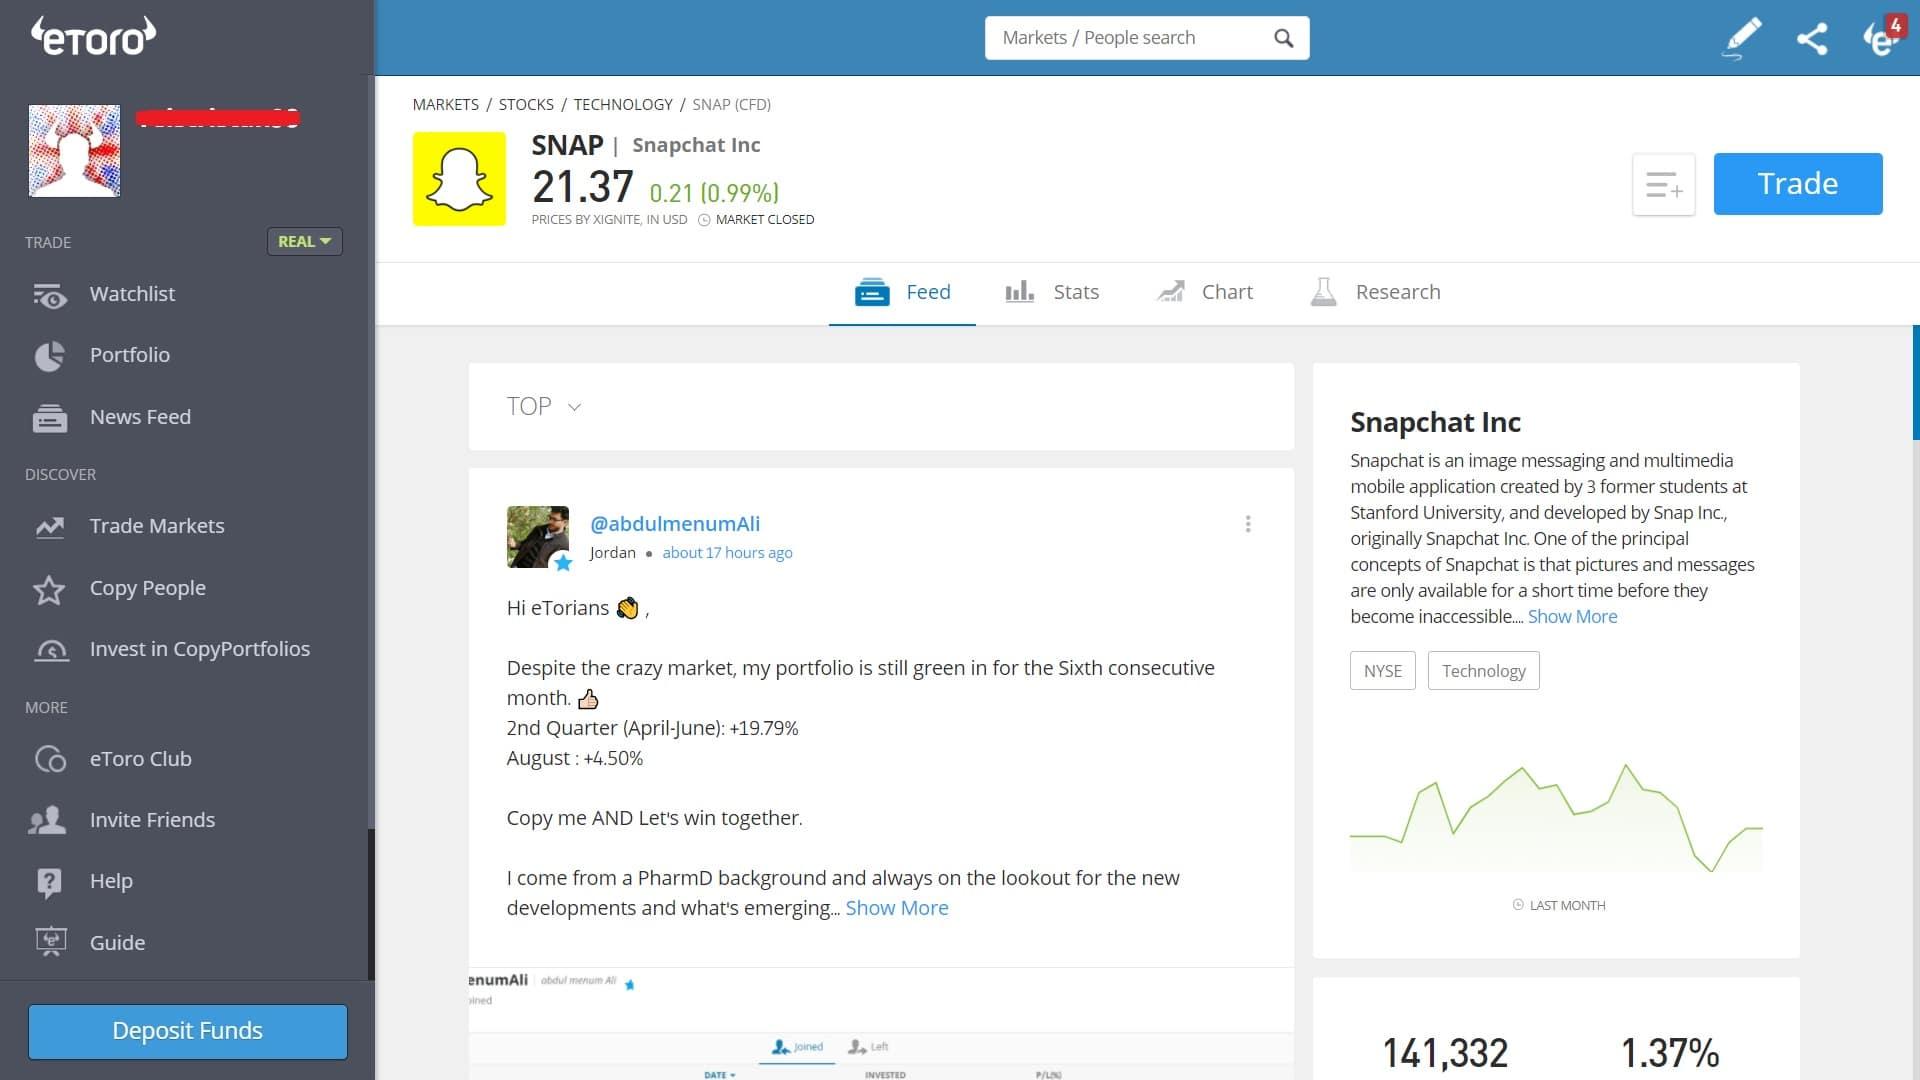 Snapchat stock trading on eToro's platform